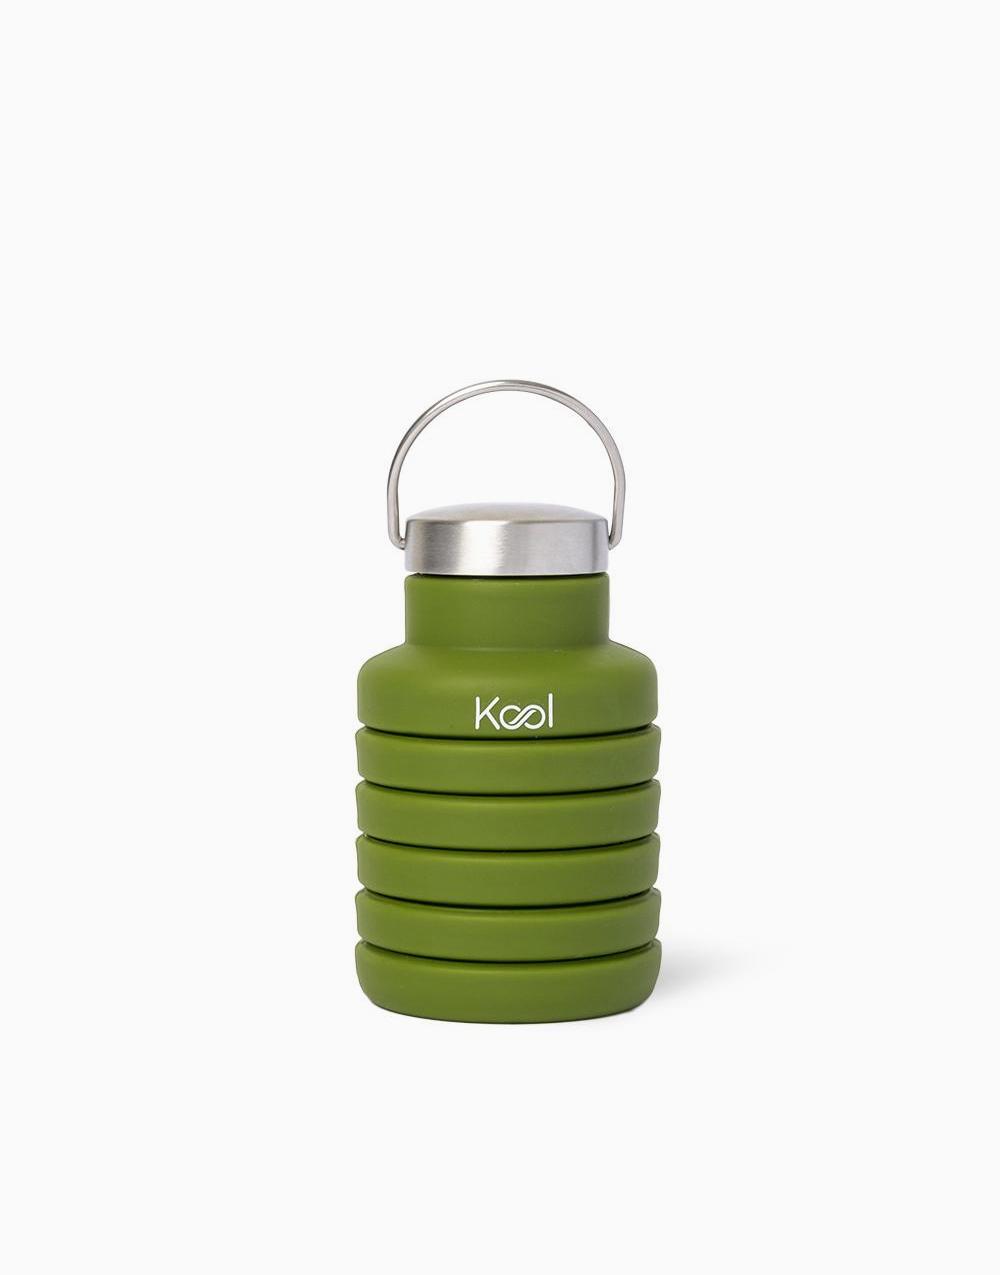 Kool Foldable Bottle (500ml) by Kool | Kyoto